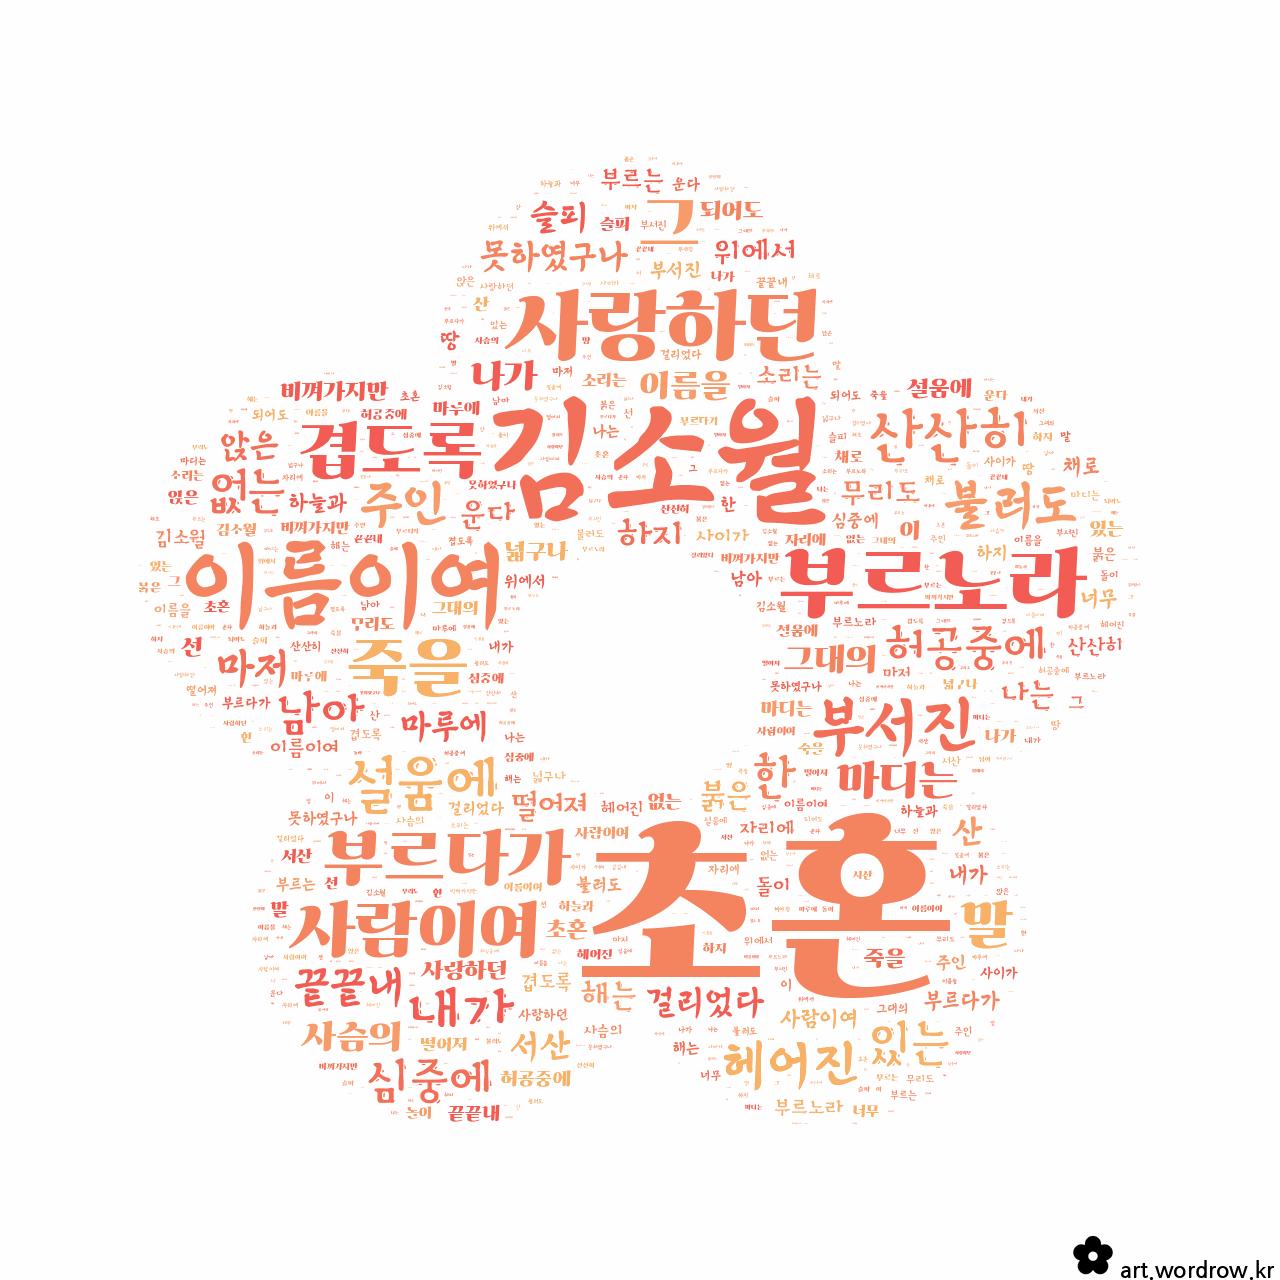 워드 클라우드: 초혼 [김소월]-36